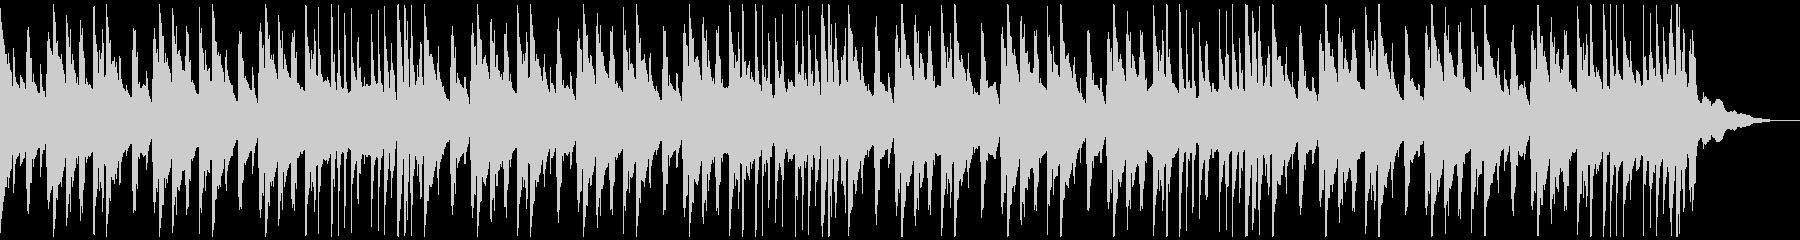 クイズシンキングタイム シンプルリズムの未再生の波形